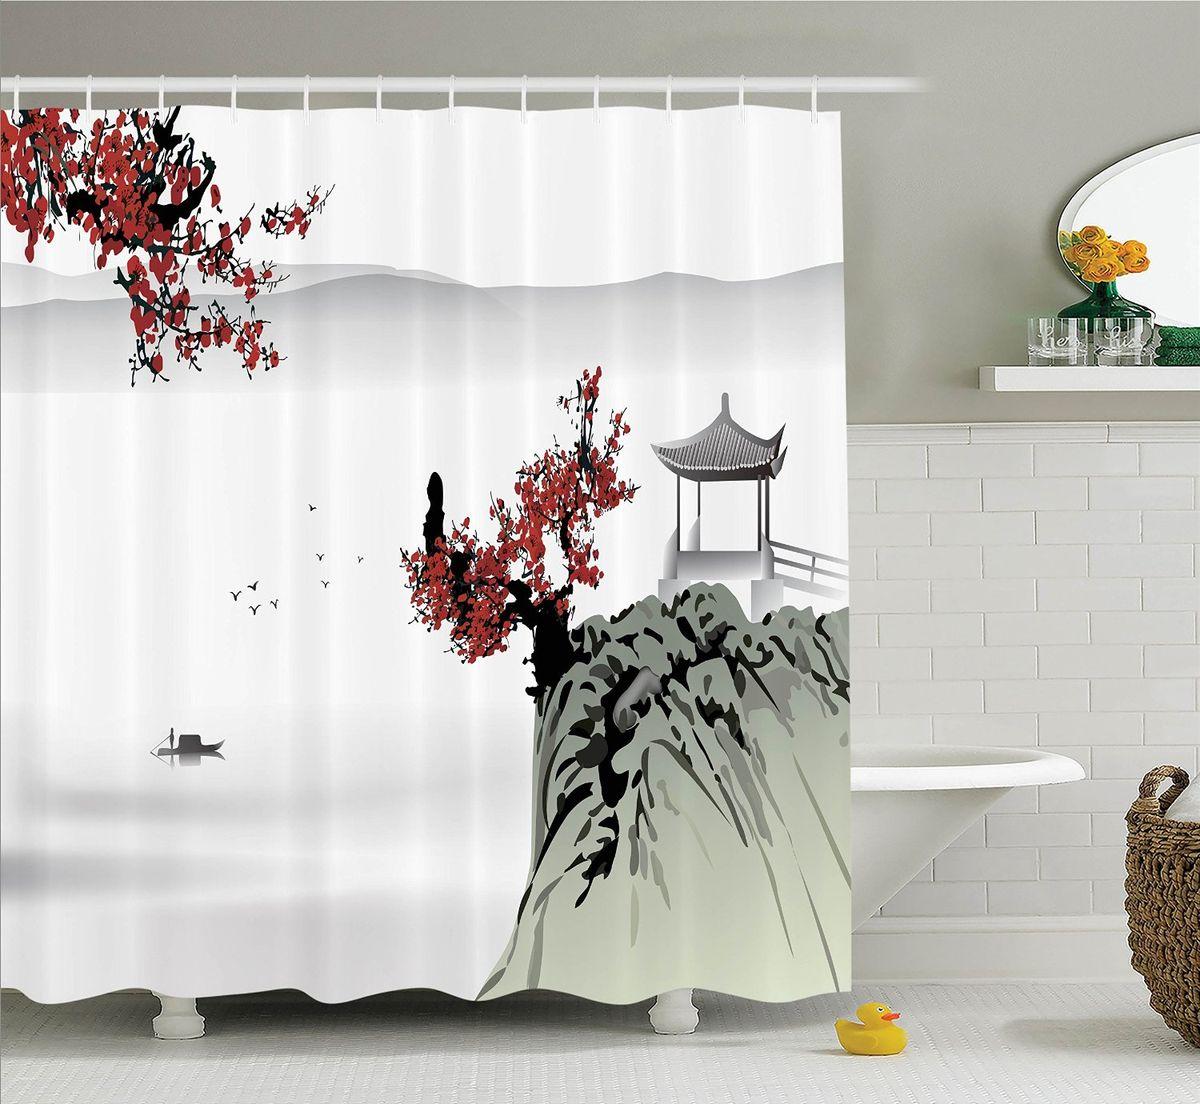 Штора для ванной комнаты Magic Lady Сакура и беседка на горе, 180 х 200 смшв_12233Штора Magic Lady Сакура и беседка на горе, изготовленная из высококачественного сатена (полиэстер 100%), отлично дополнит любой интерьер ванной комнаты. При изготовлении используются специальные гипоаллергенные чернила для прямой печати по ткани, безопасные для человека.В комплекте: 1 штора, 12 крючков. Обращаем ваше внимание, фактический цвет изделия может незначительно отличаться от представленного на фото.